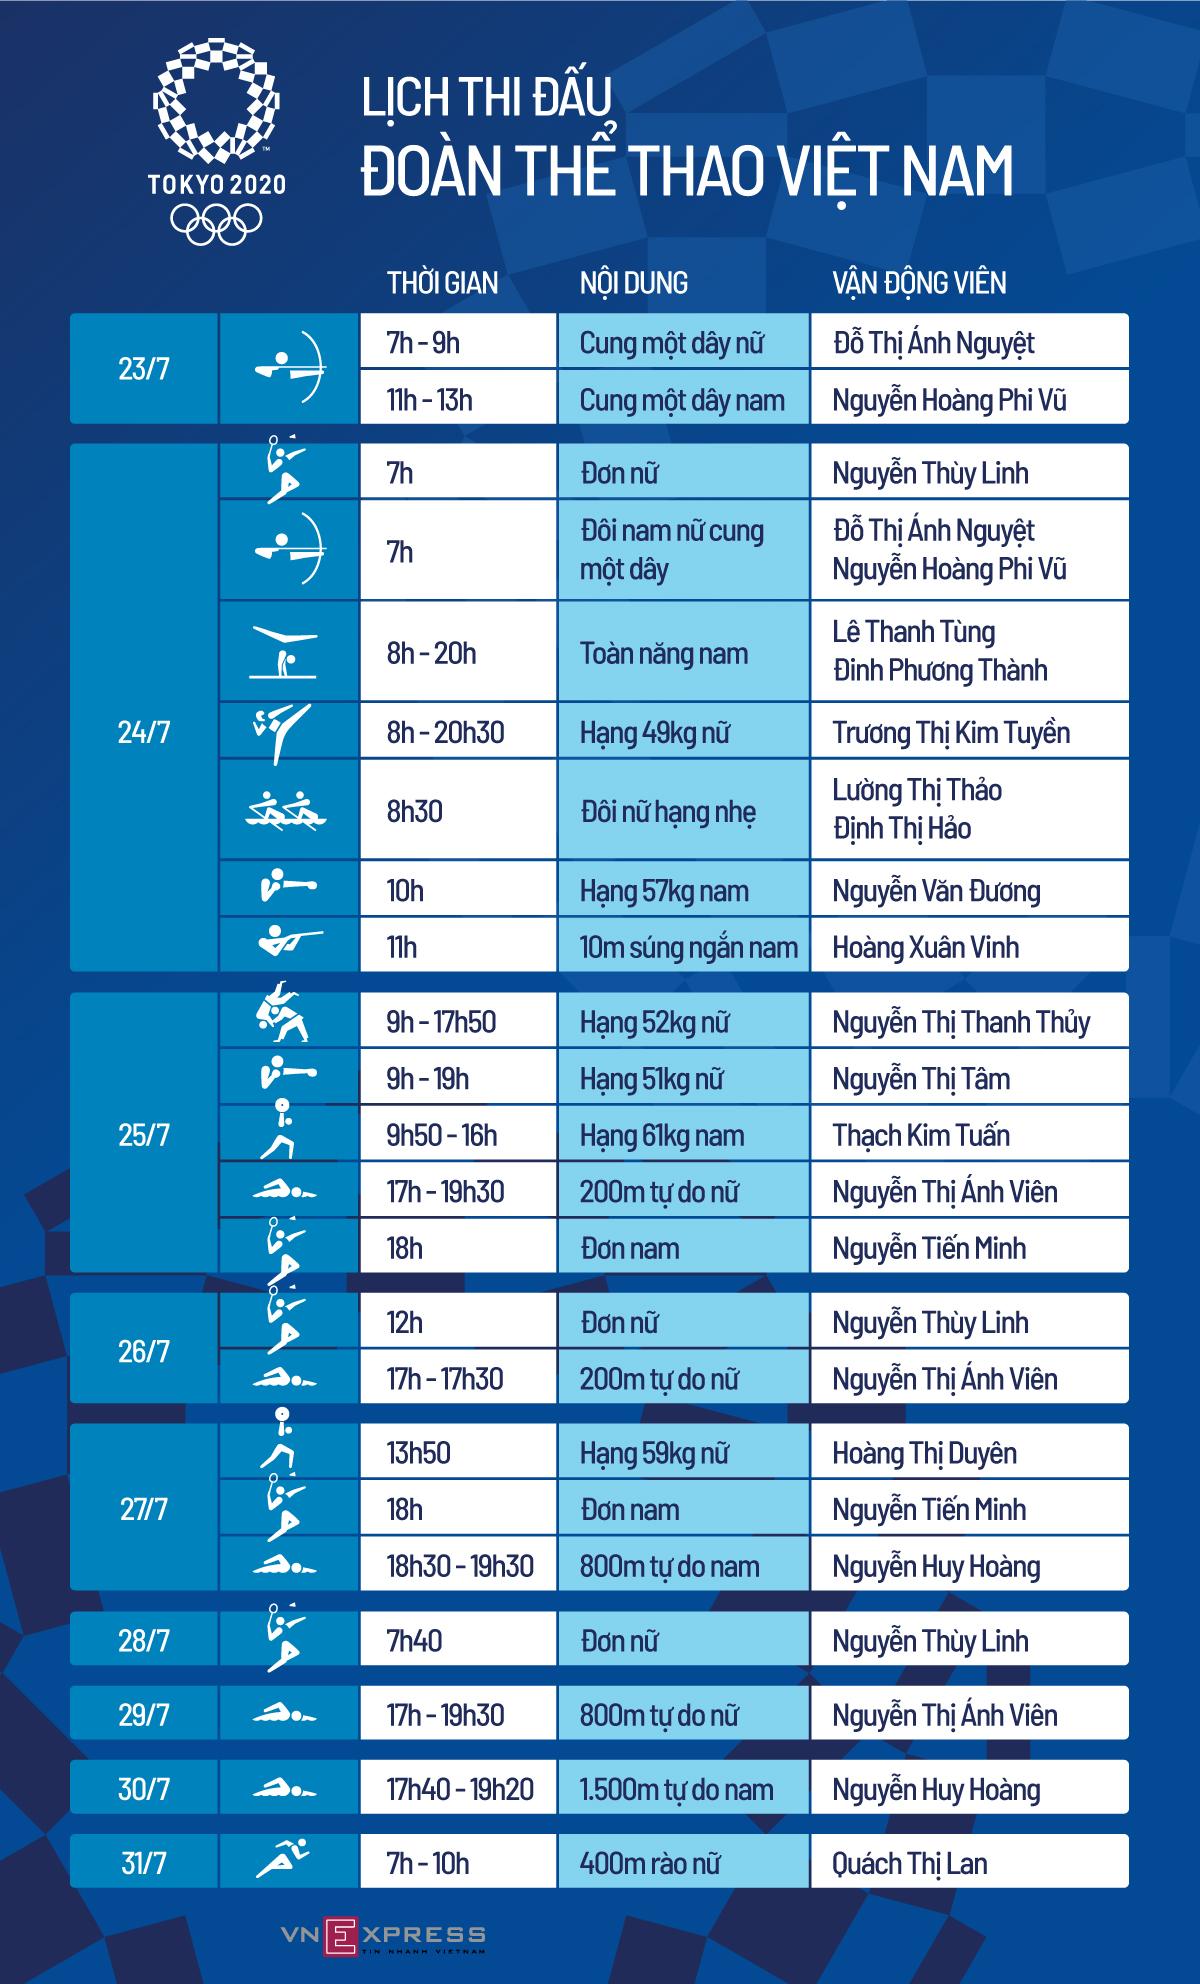 Ba VĐV gốc Việt ở Olympic Tokyo - 1